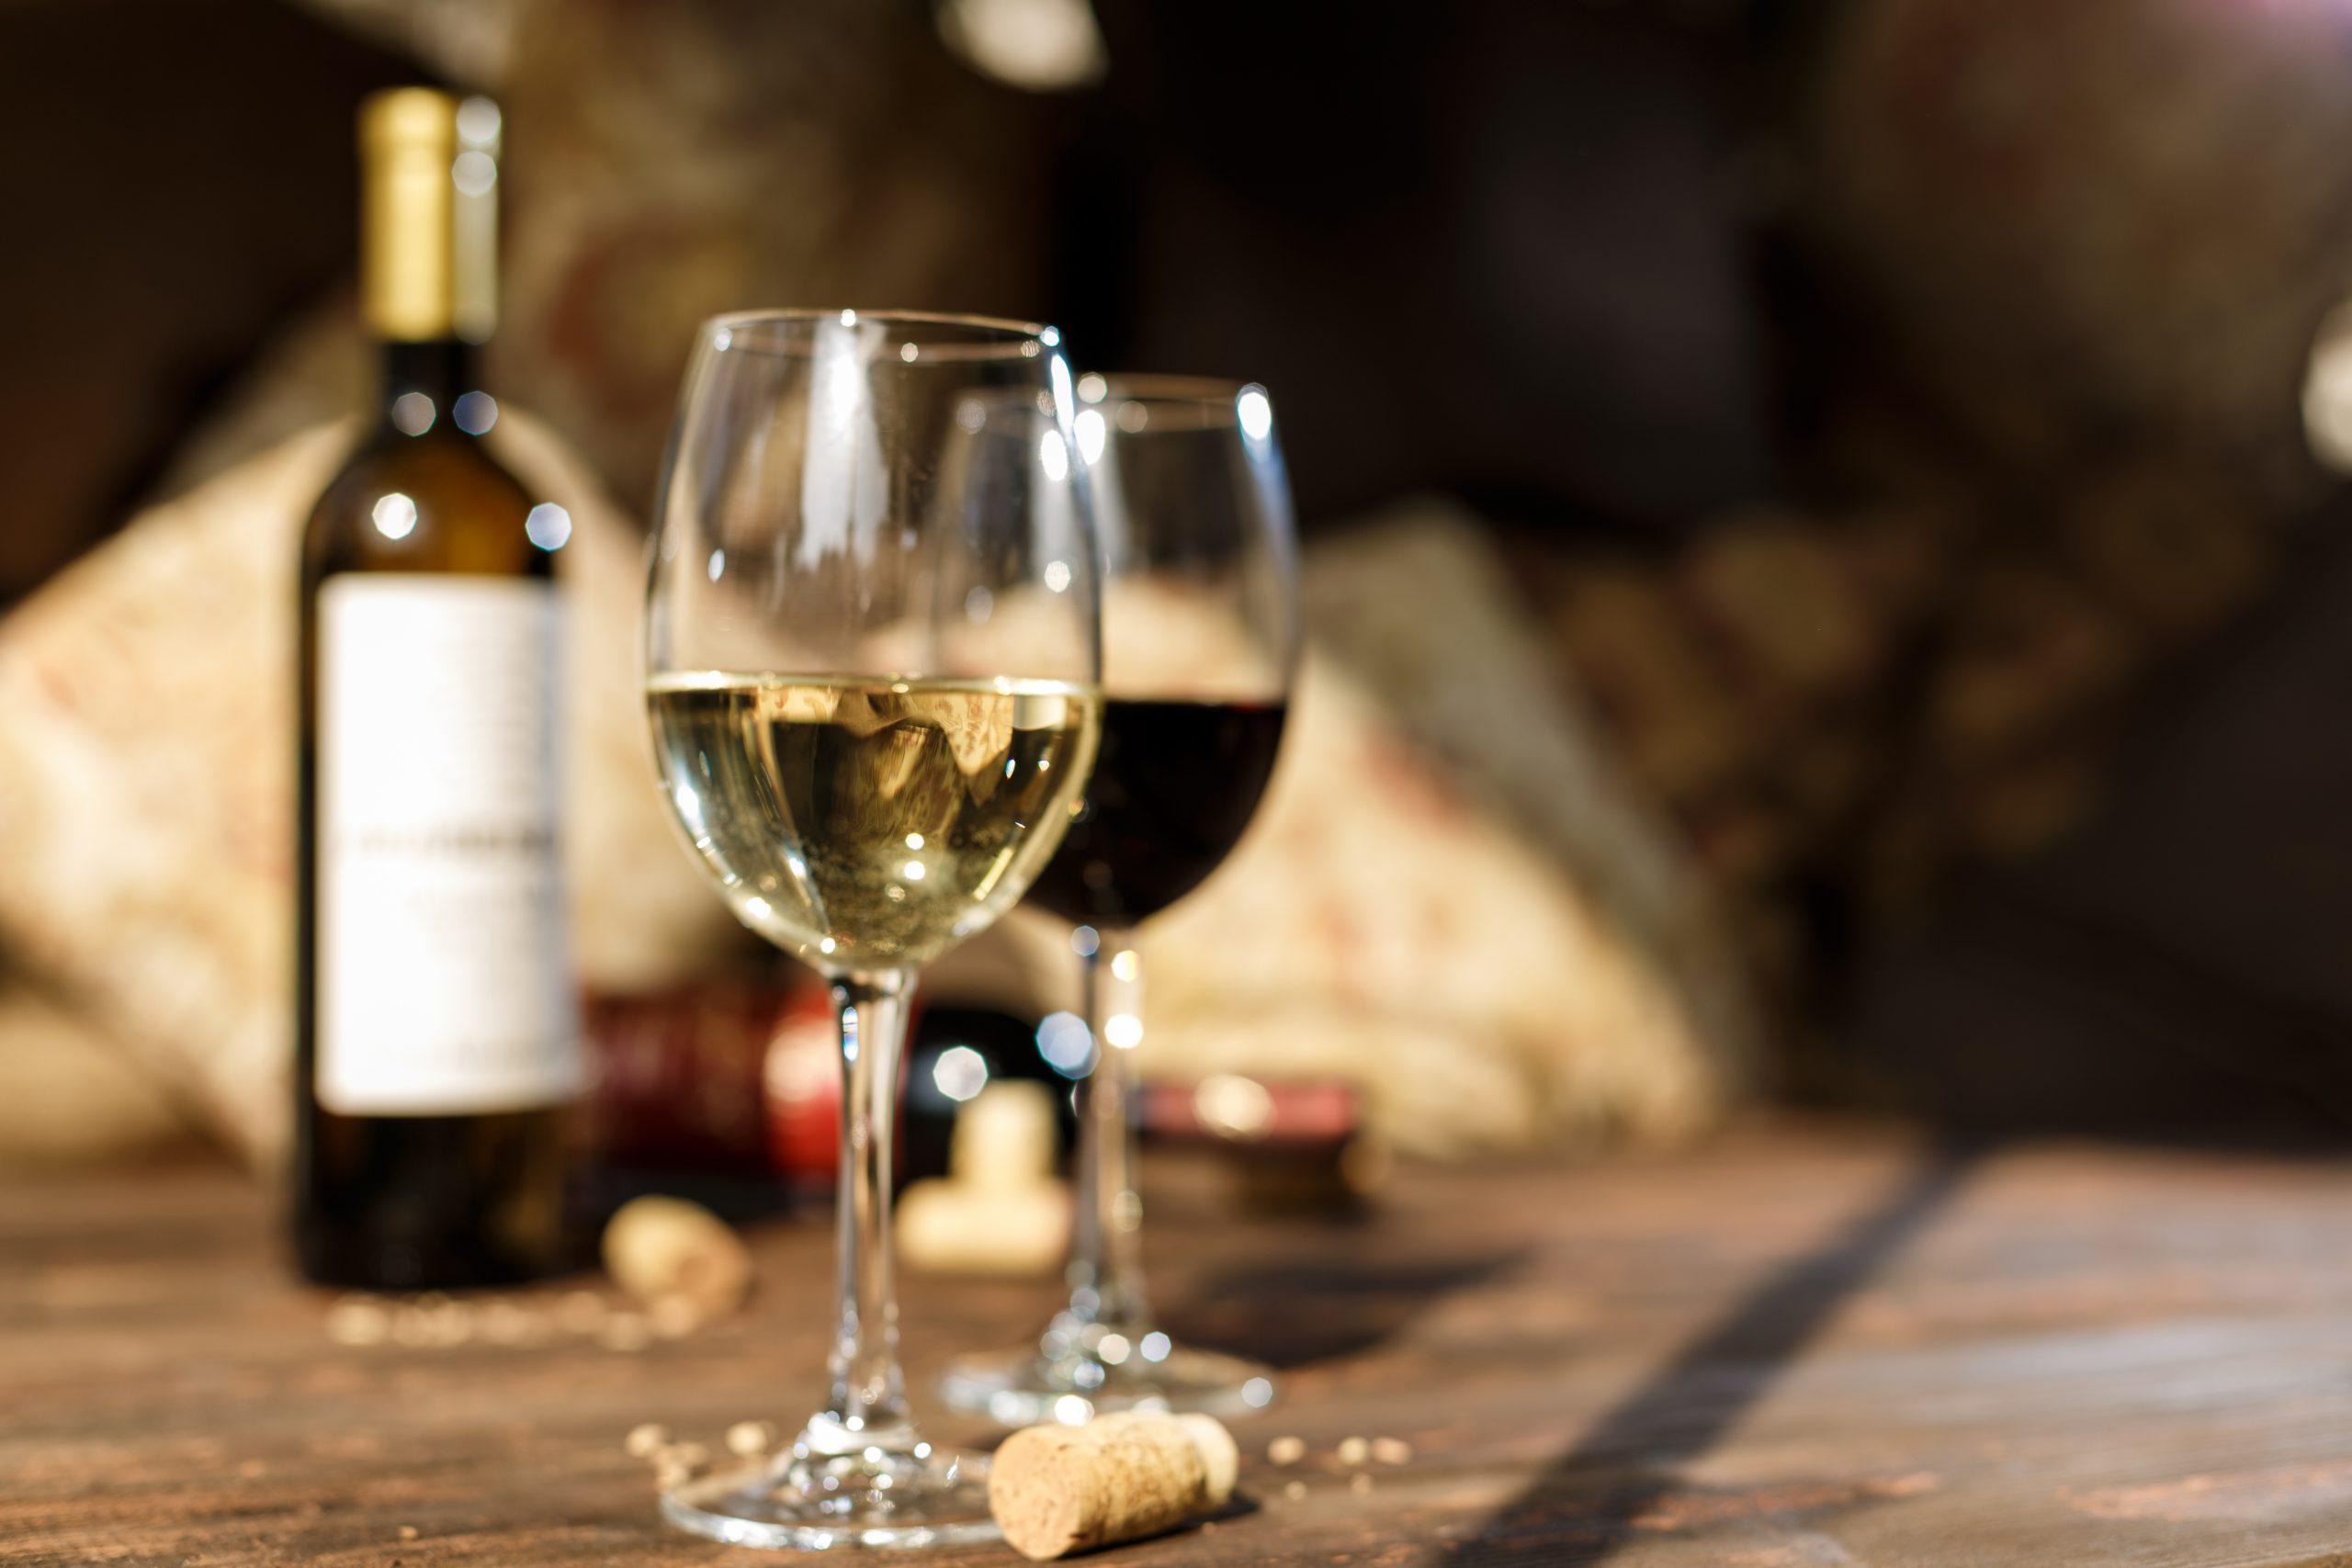 開封後のワインの保管方法をチェック!おいしさを保つためのポイントは?